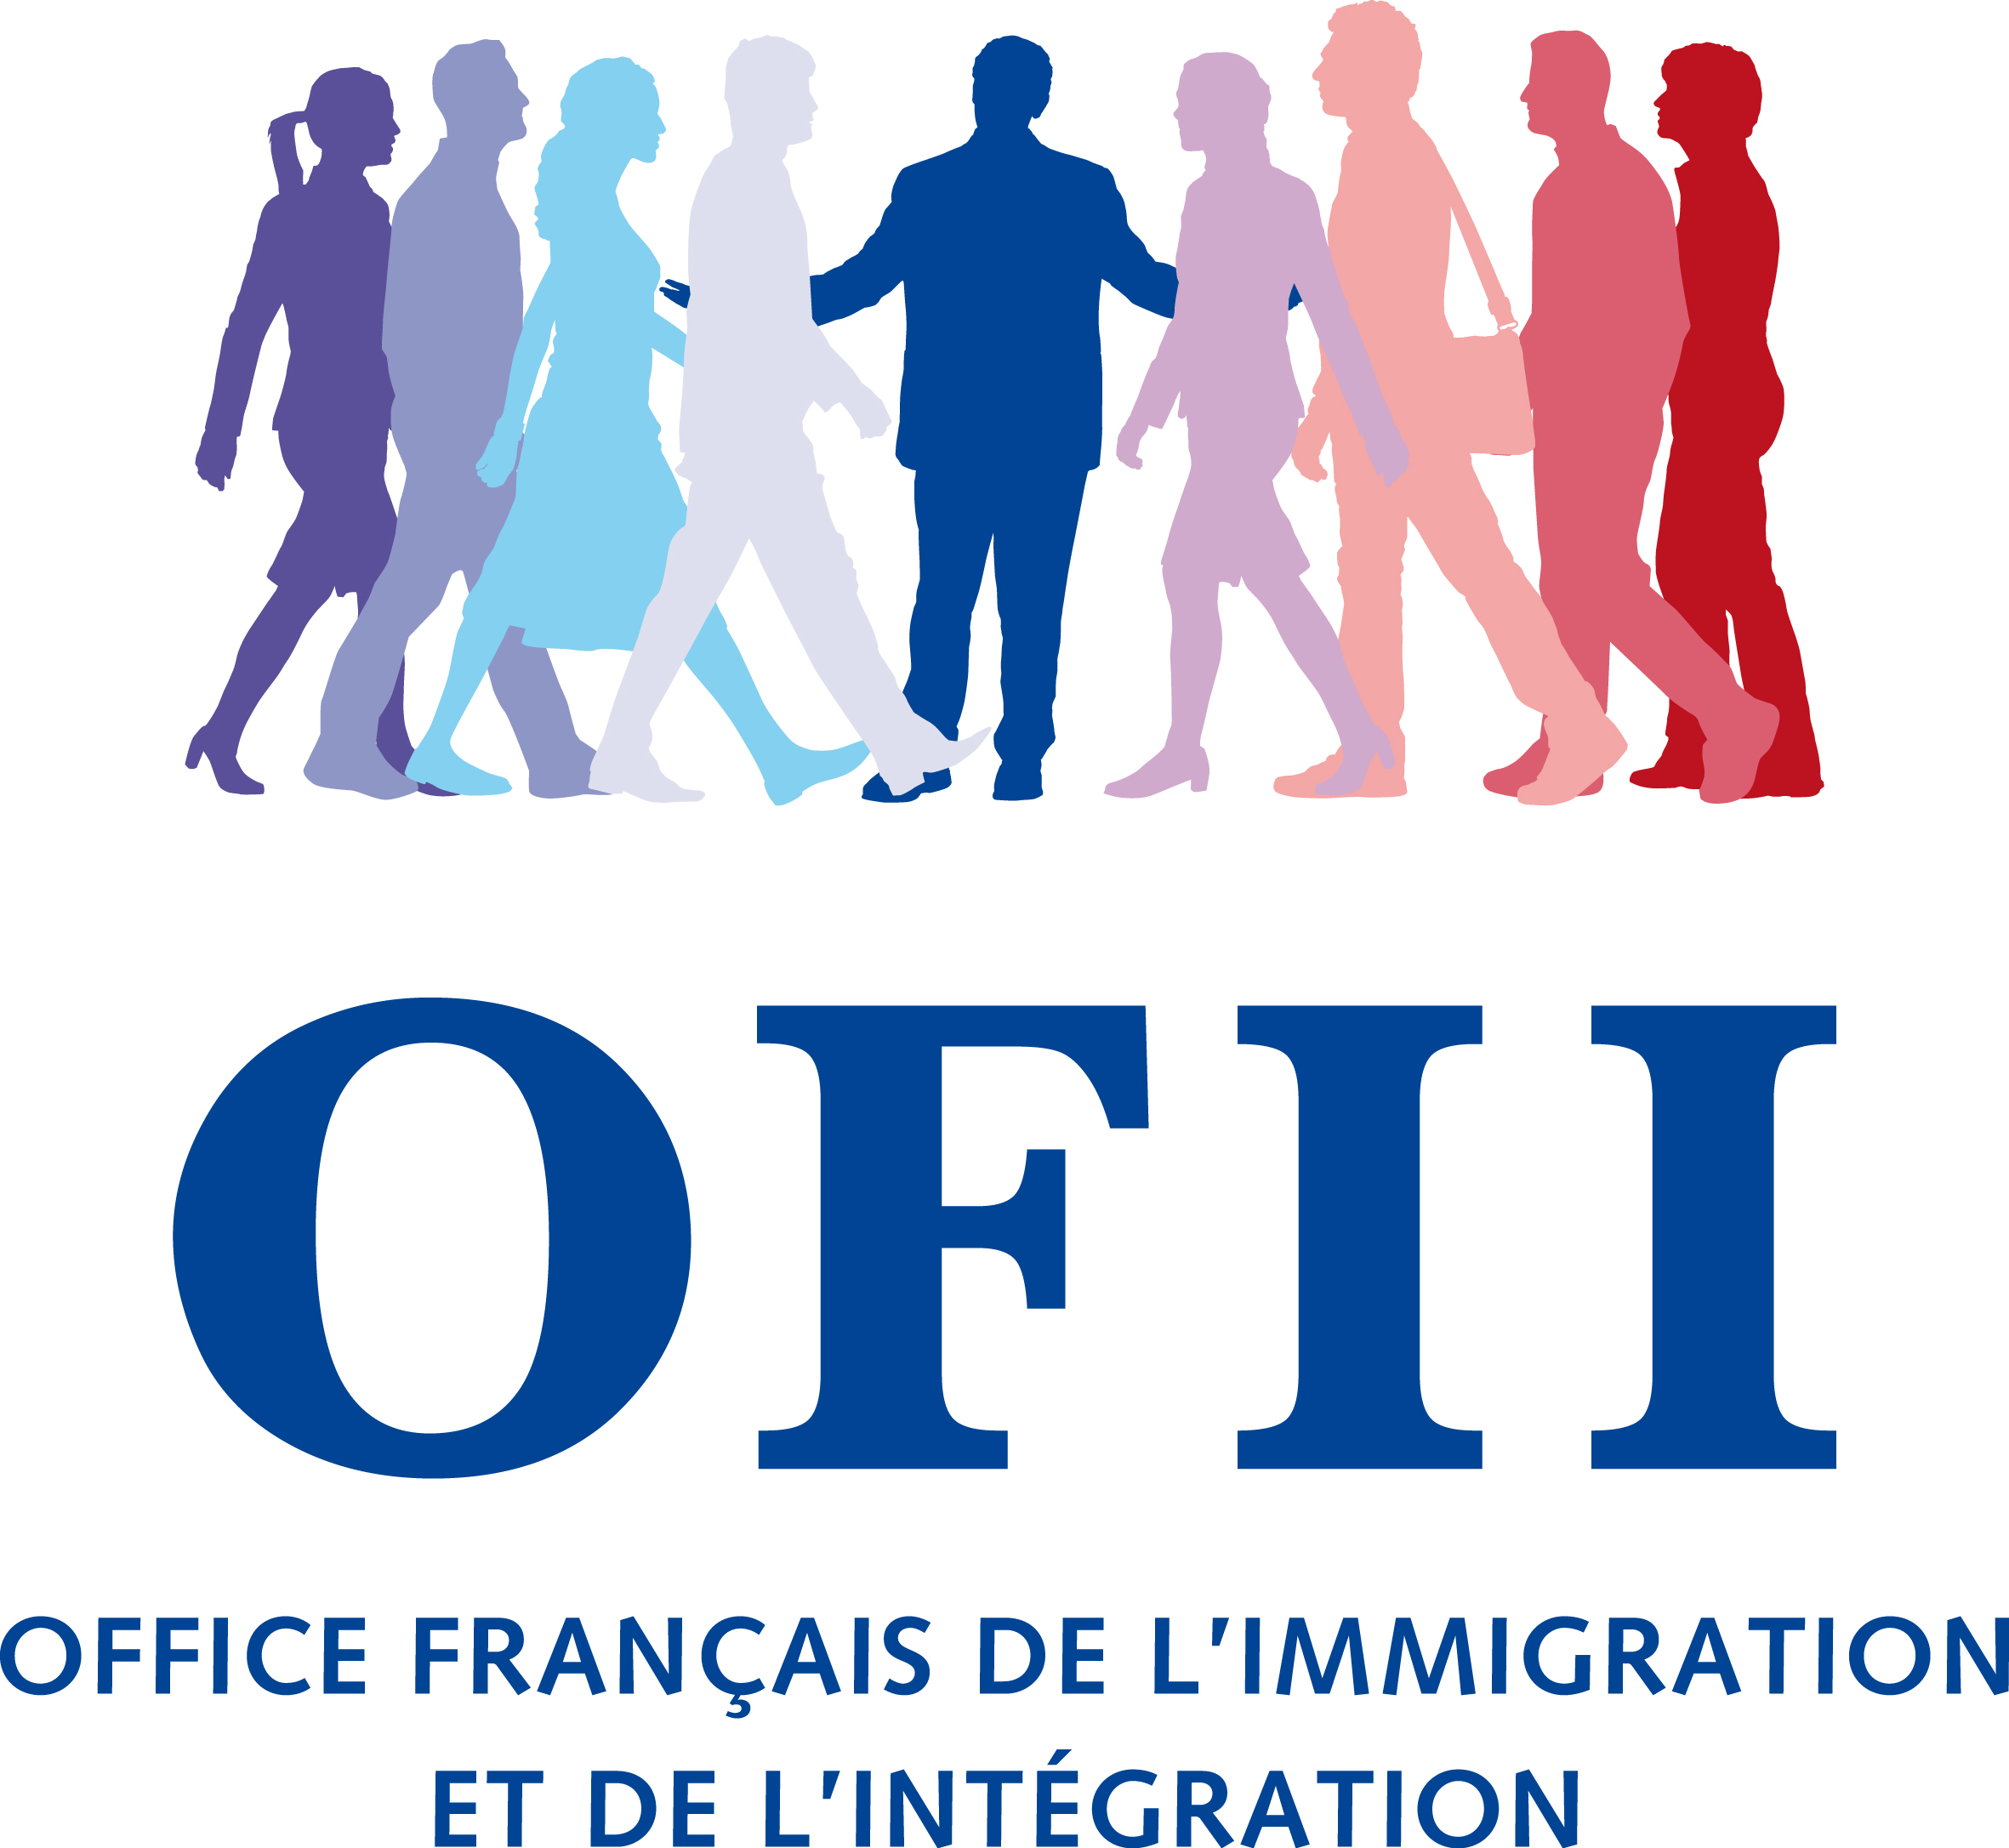 پناهندگی در فرانسه 2017 توضیحاتی درباره سازمان مهاجرت فرانسه OFII برای دانشجویان ...